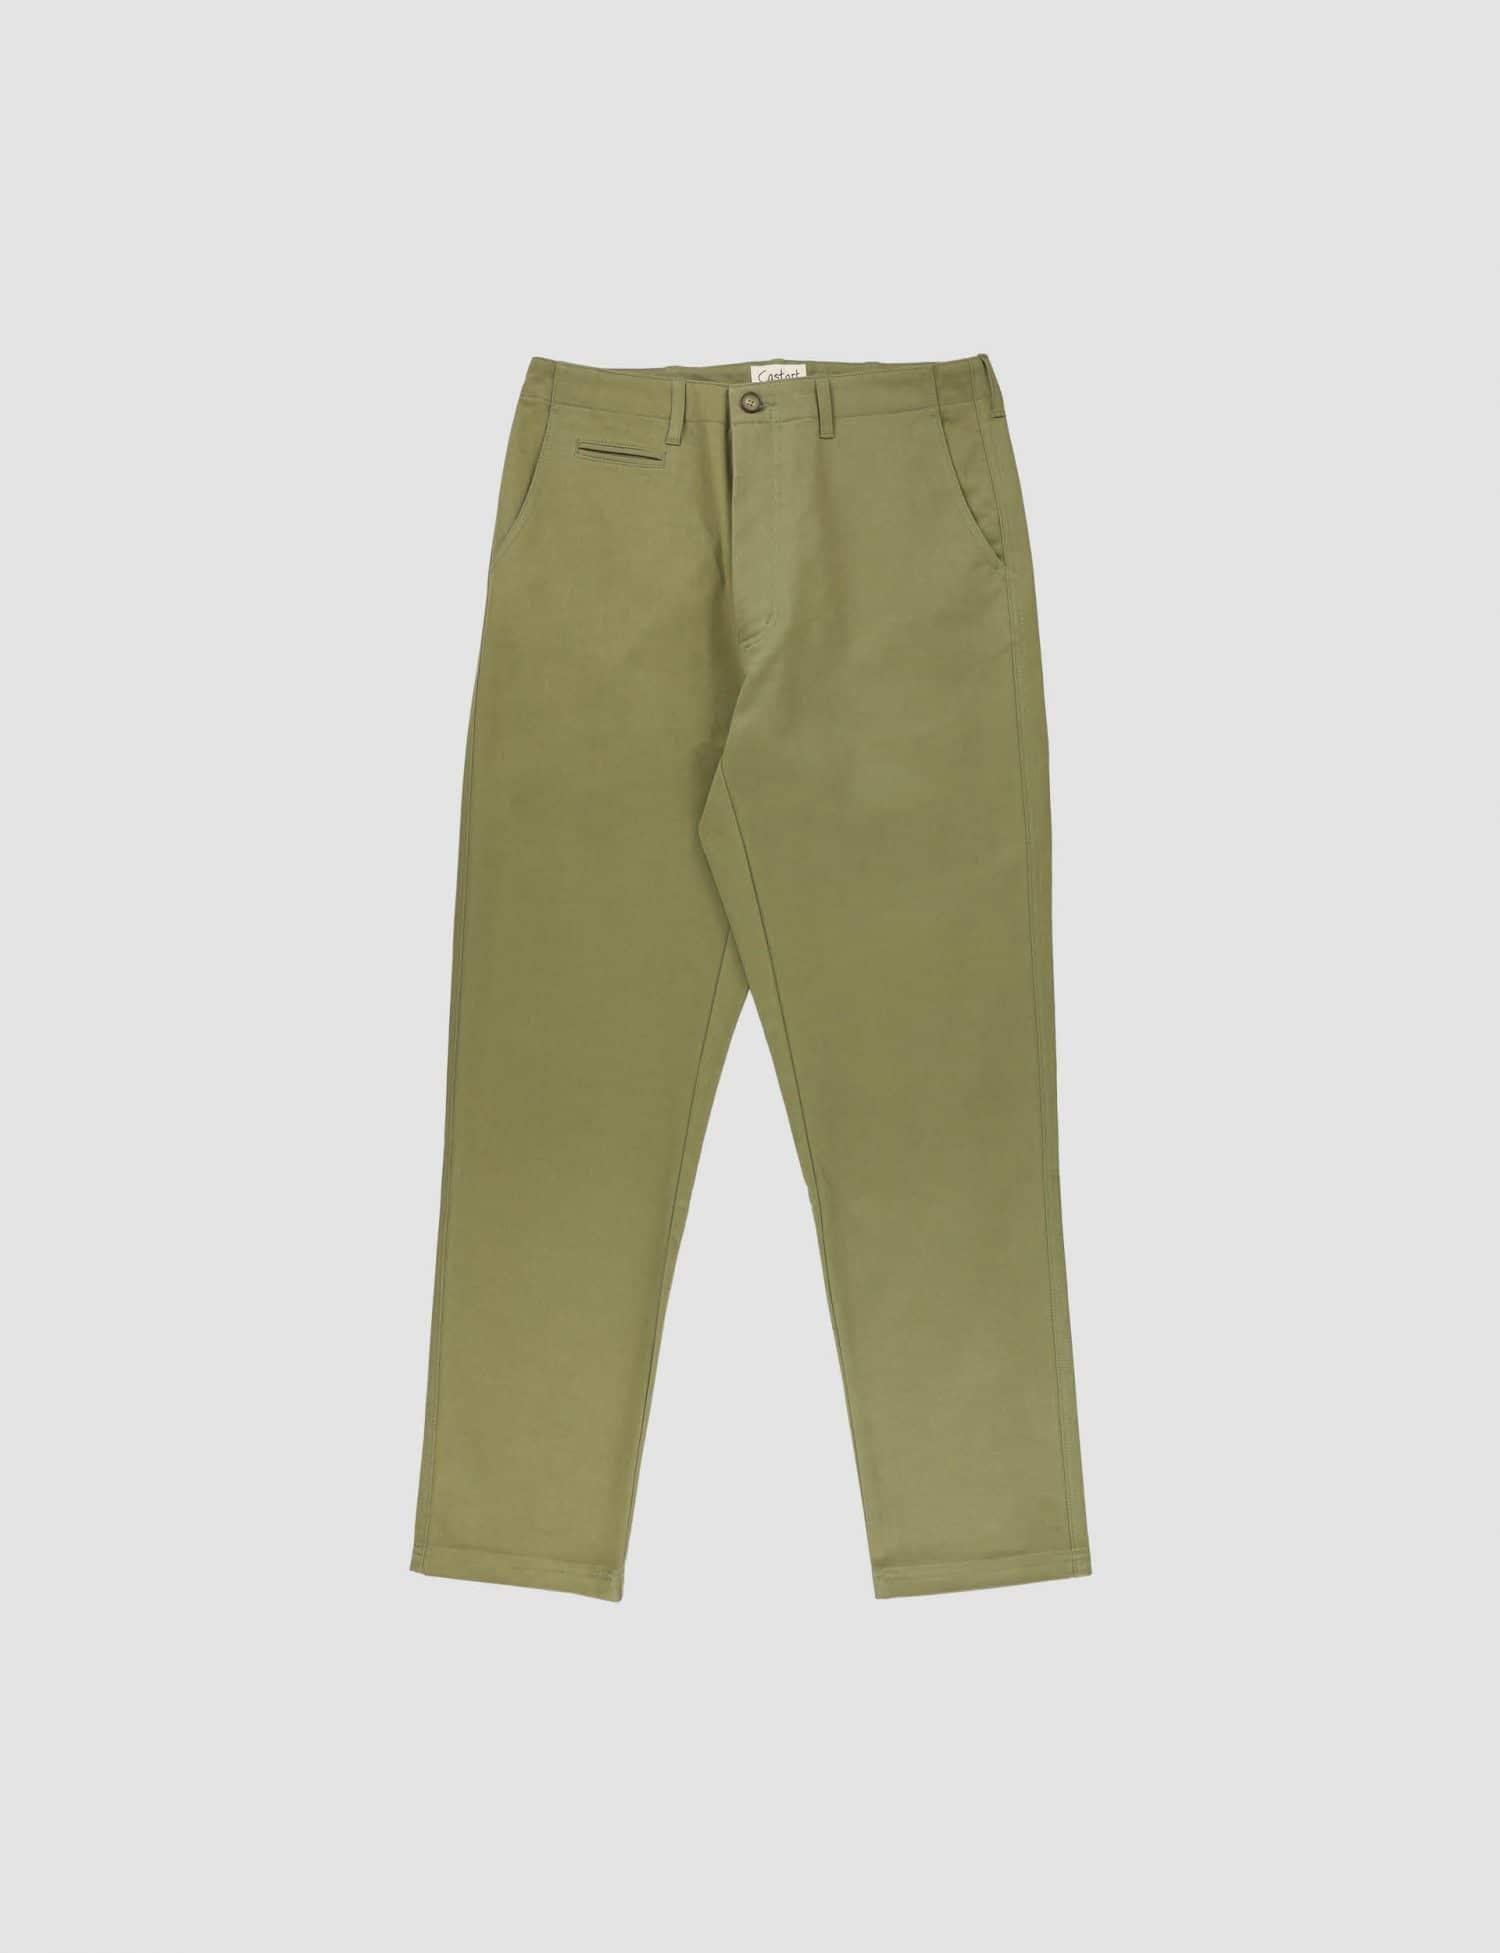 Hockney Reg - Khaki